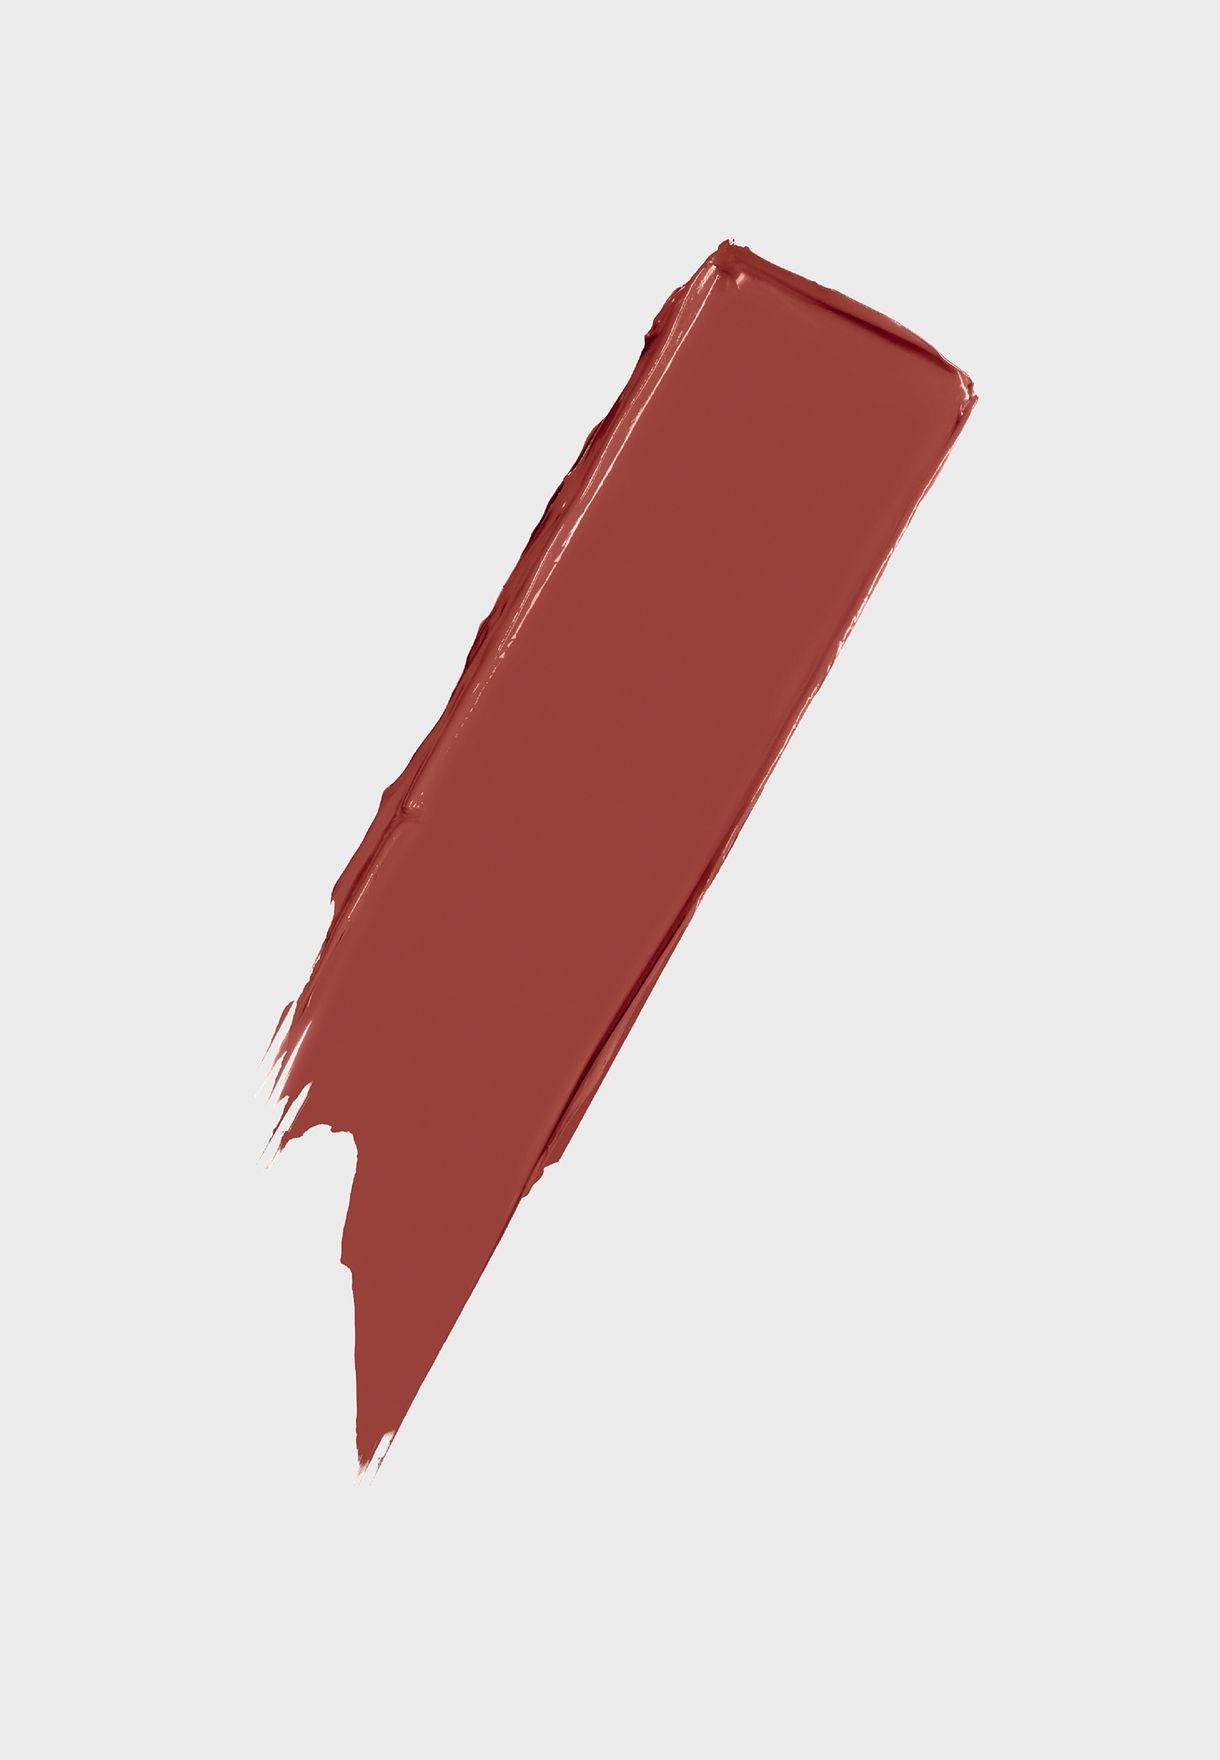 احمر شفاه ارتيست روج 106 - جاتسي بلش